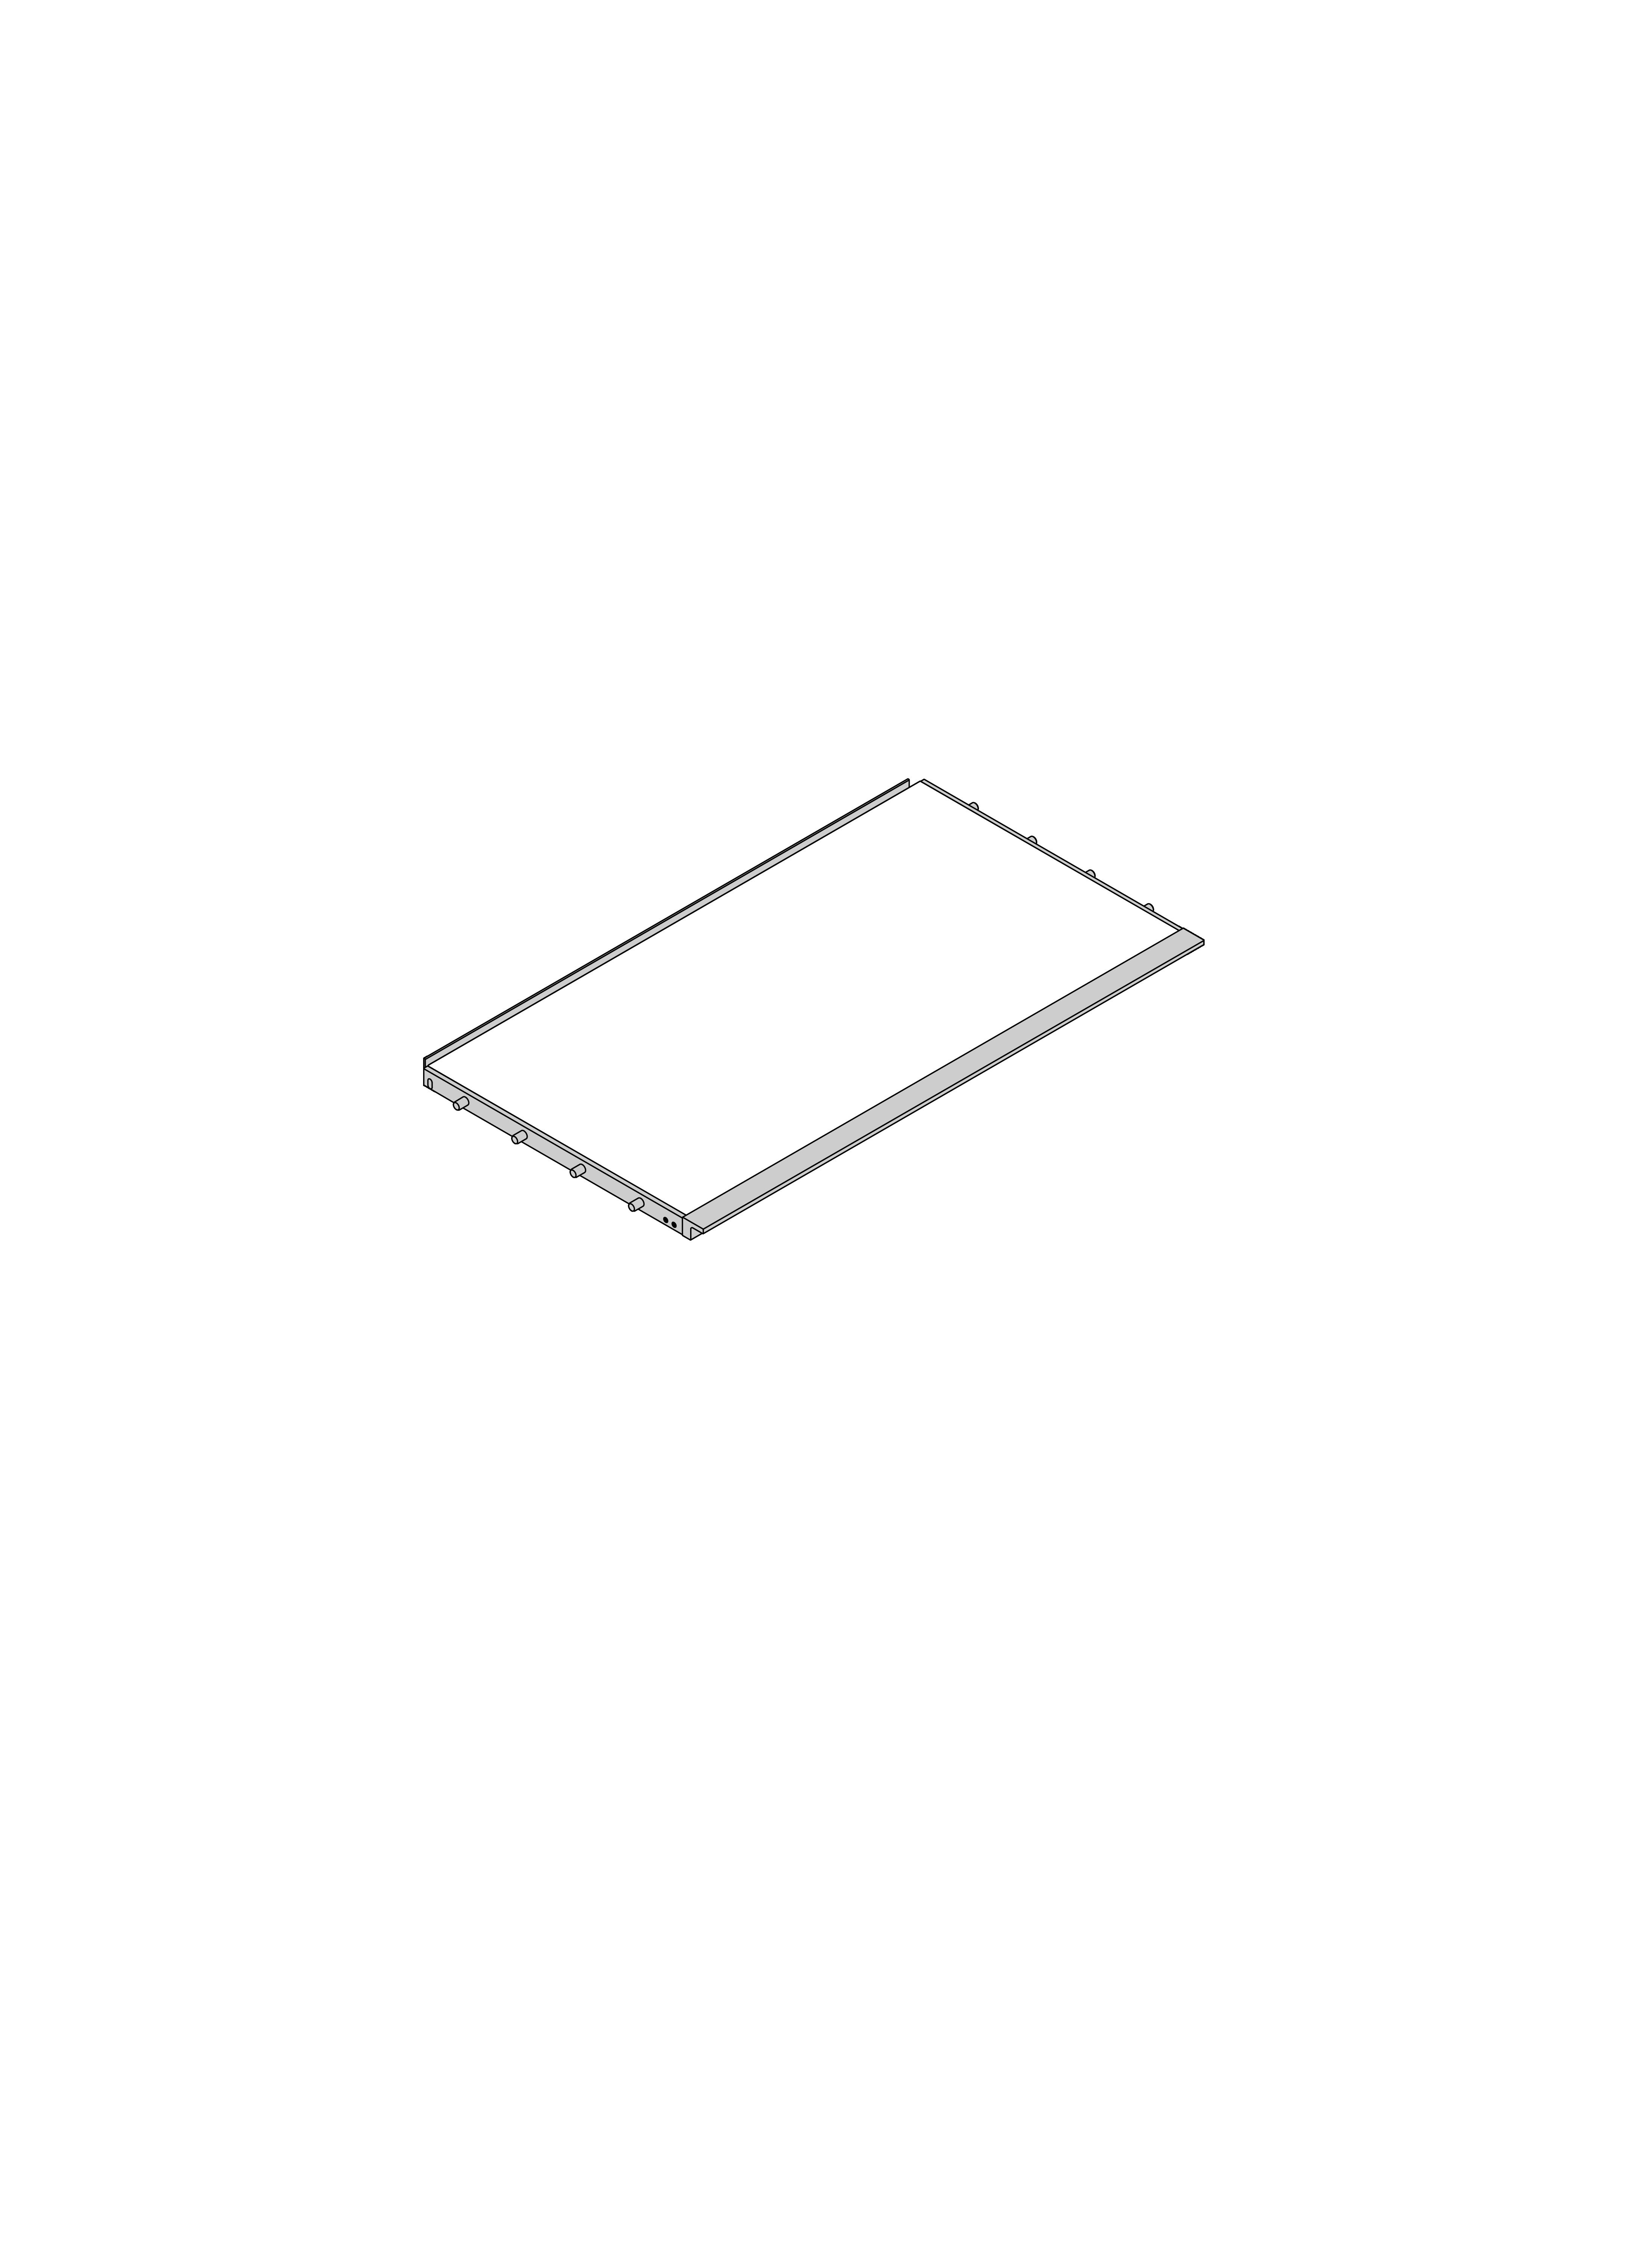 Iso_Website_mitLicht_ZG_GL4_Konstruktionsboden Elegantes Led Unterbauleuchte Mit Steckdose Dekorationen